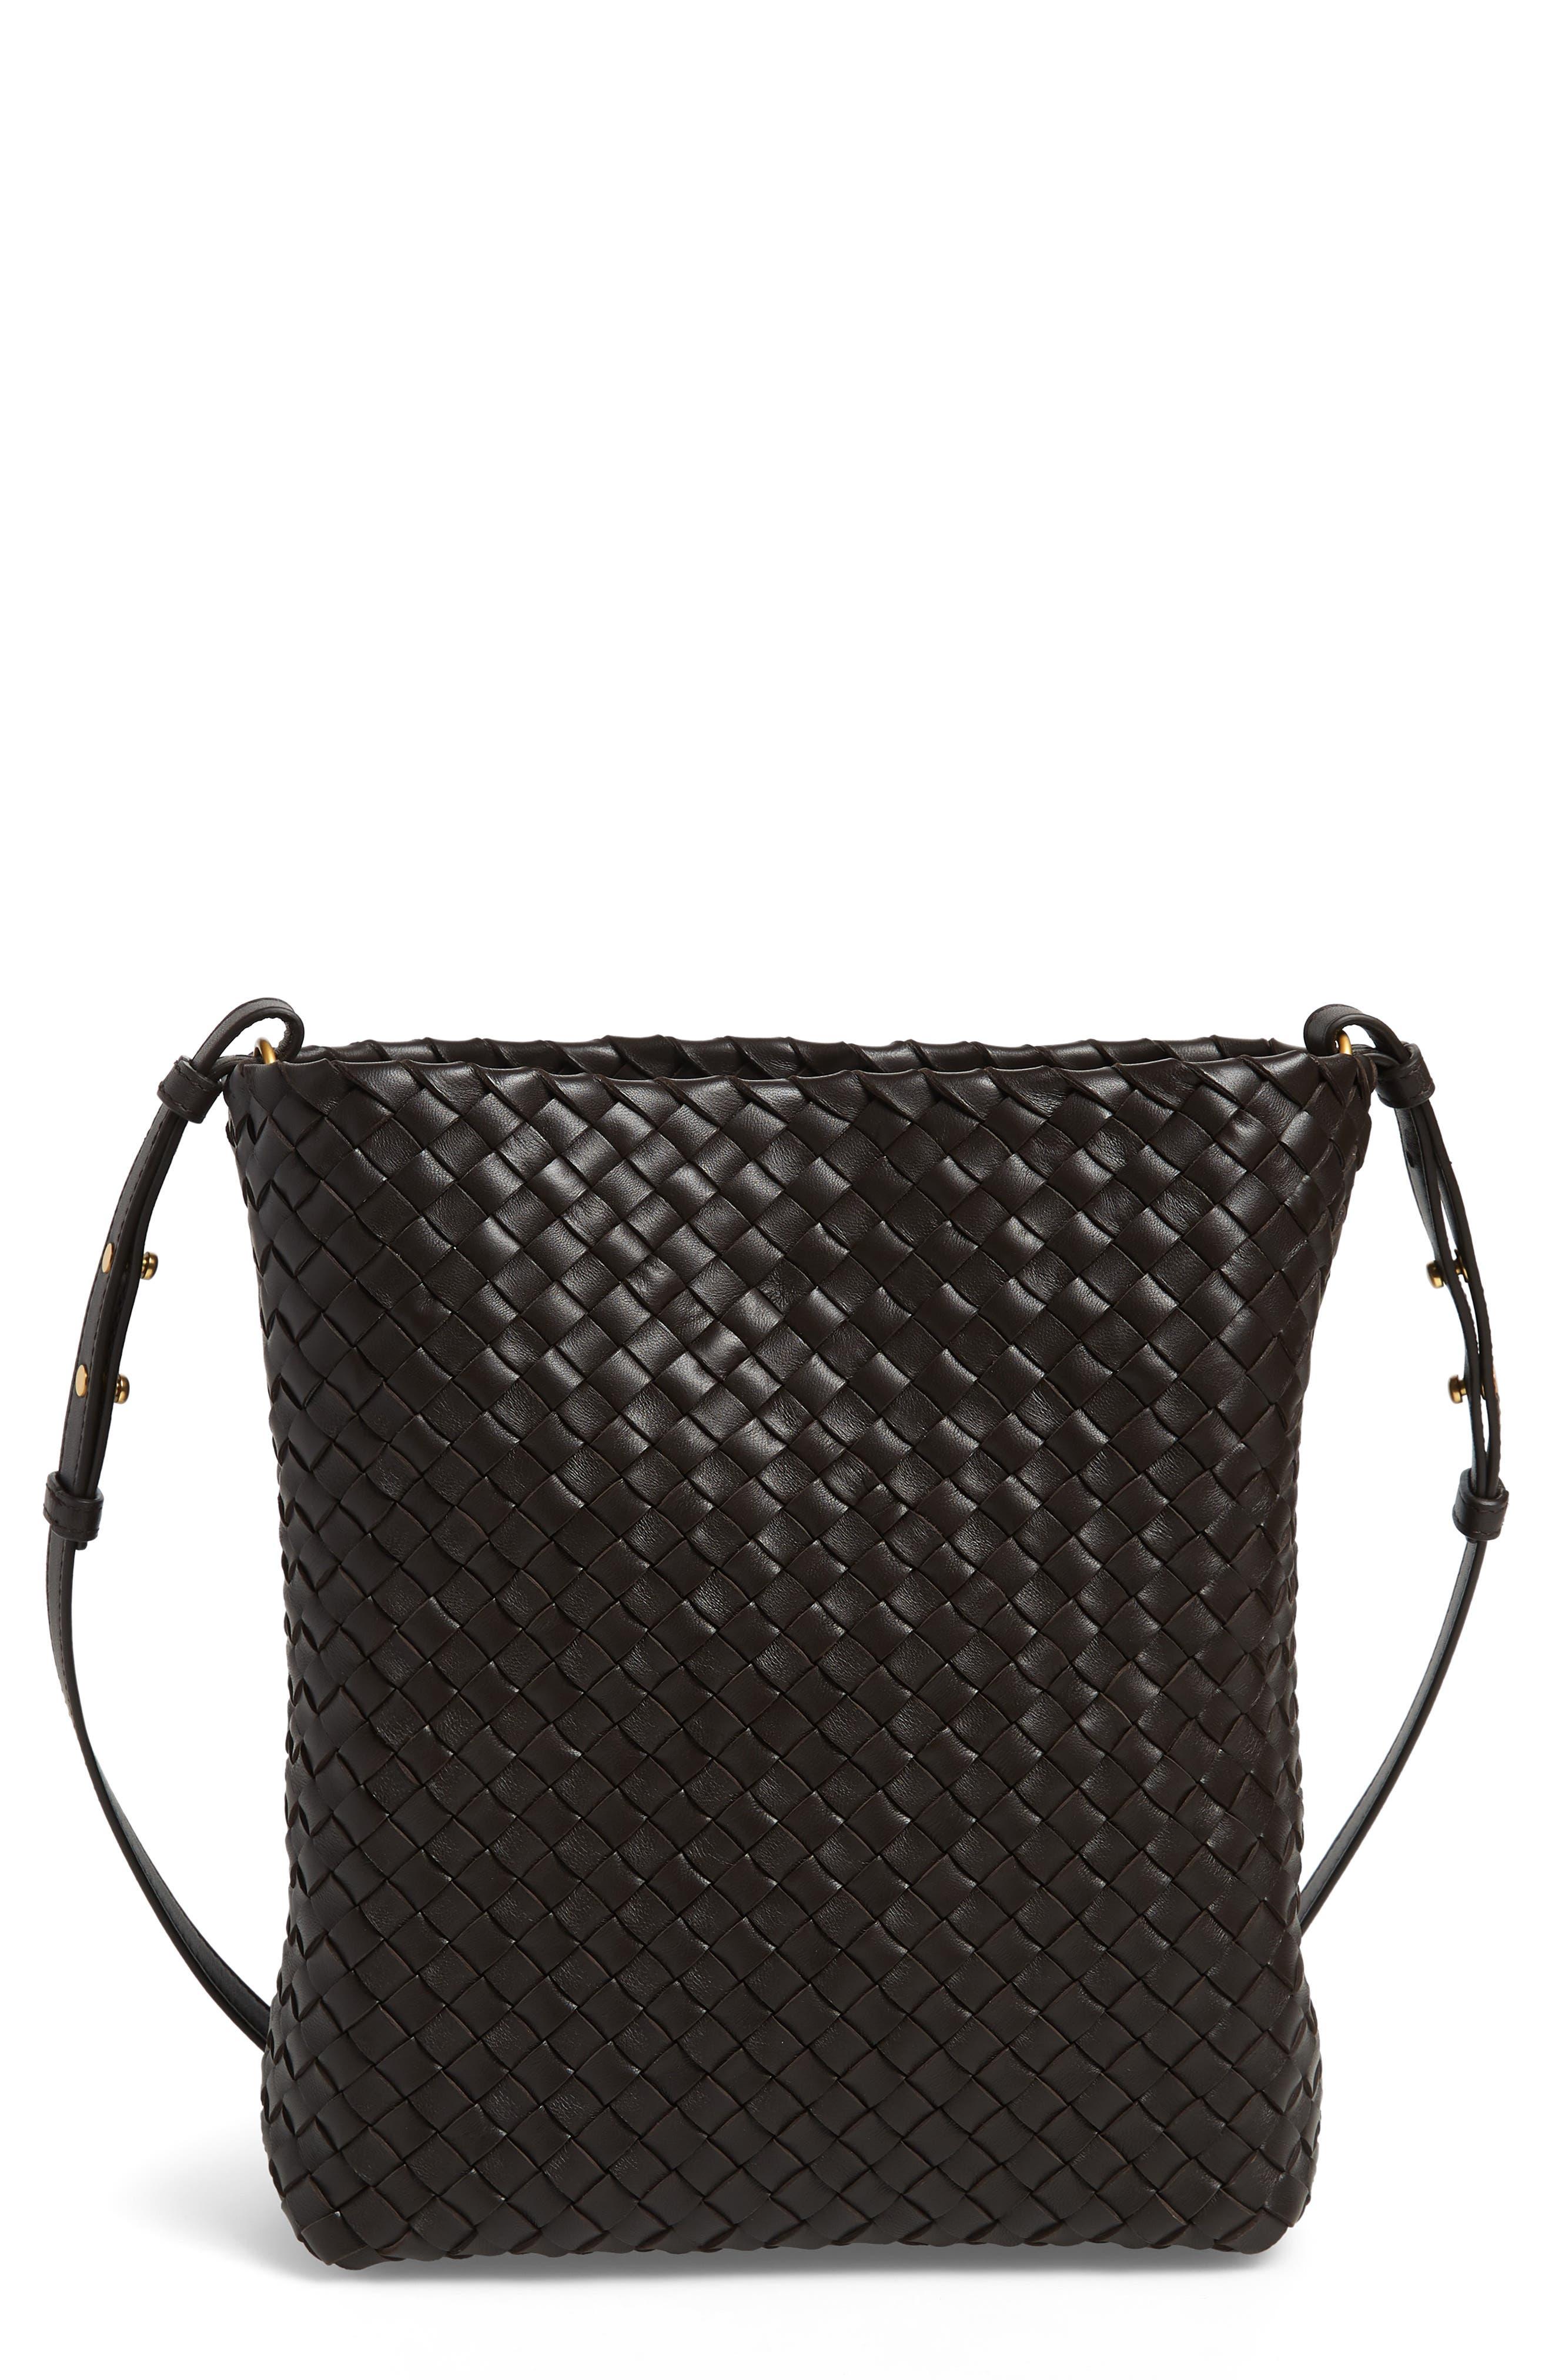 b3320c08f2d3 Women's Designer Handbags & Wallets | Nordstrom